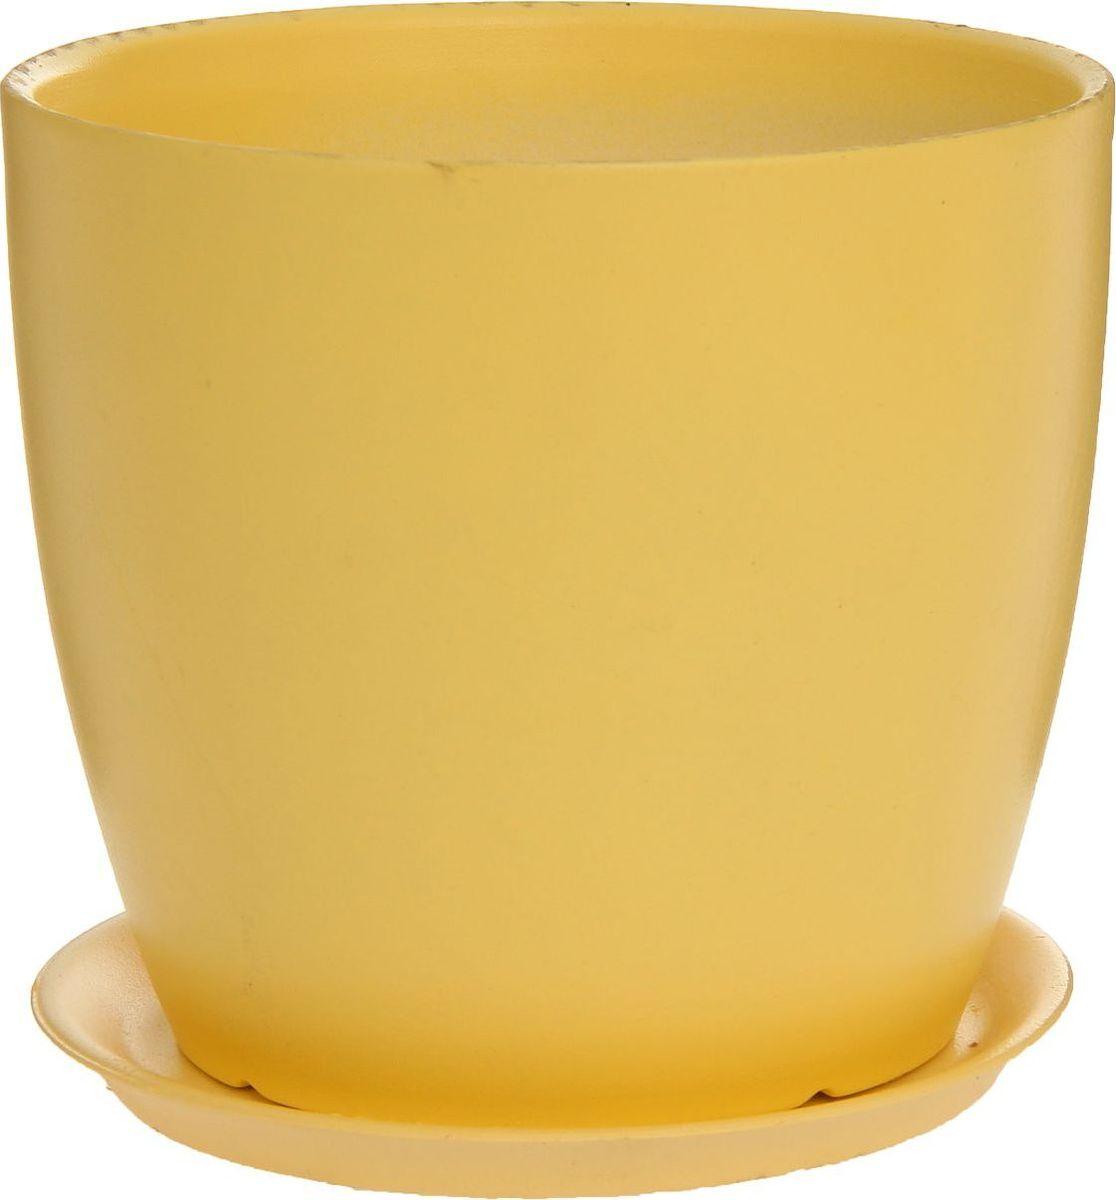 Кашпо Керамика ручной работы Осень. Глянец, цвет: желтый, 3 л1170338Комнатные растения — всеобщие любимцы. Они радуют глаз, насыщают помещение кислородом и украшают пространство. Каждому из них необходим свой удобный и красивый дом. Кашпо из керамики прекрасно подходят для высадки растений: за счёт пластичности глины и разных способов обработки существует великое множество форм и дизайновпористый материал позволяет испаряться лишней влагевоздух, необходимый для дыхания корней, проникает сквозь керамические стенки! #name# позаботится о зелёном питомце, освежит интерьер и подчеркнёт его стиль.